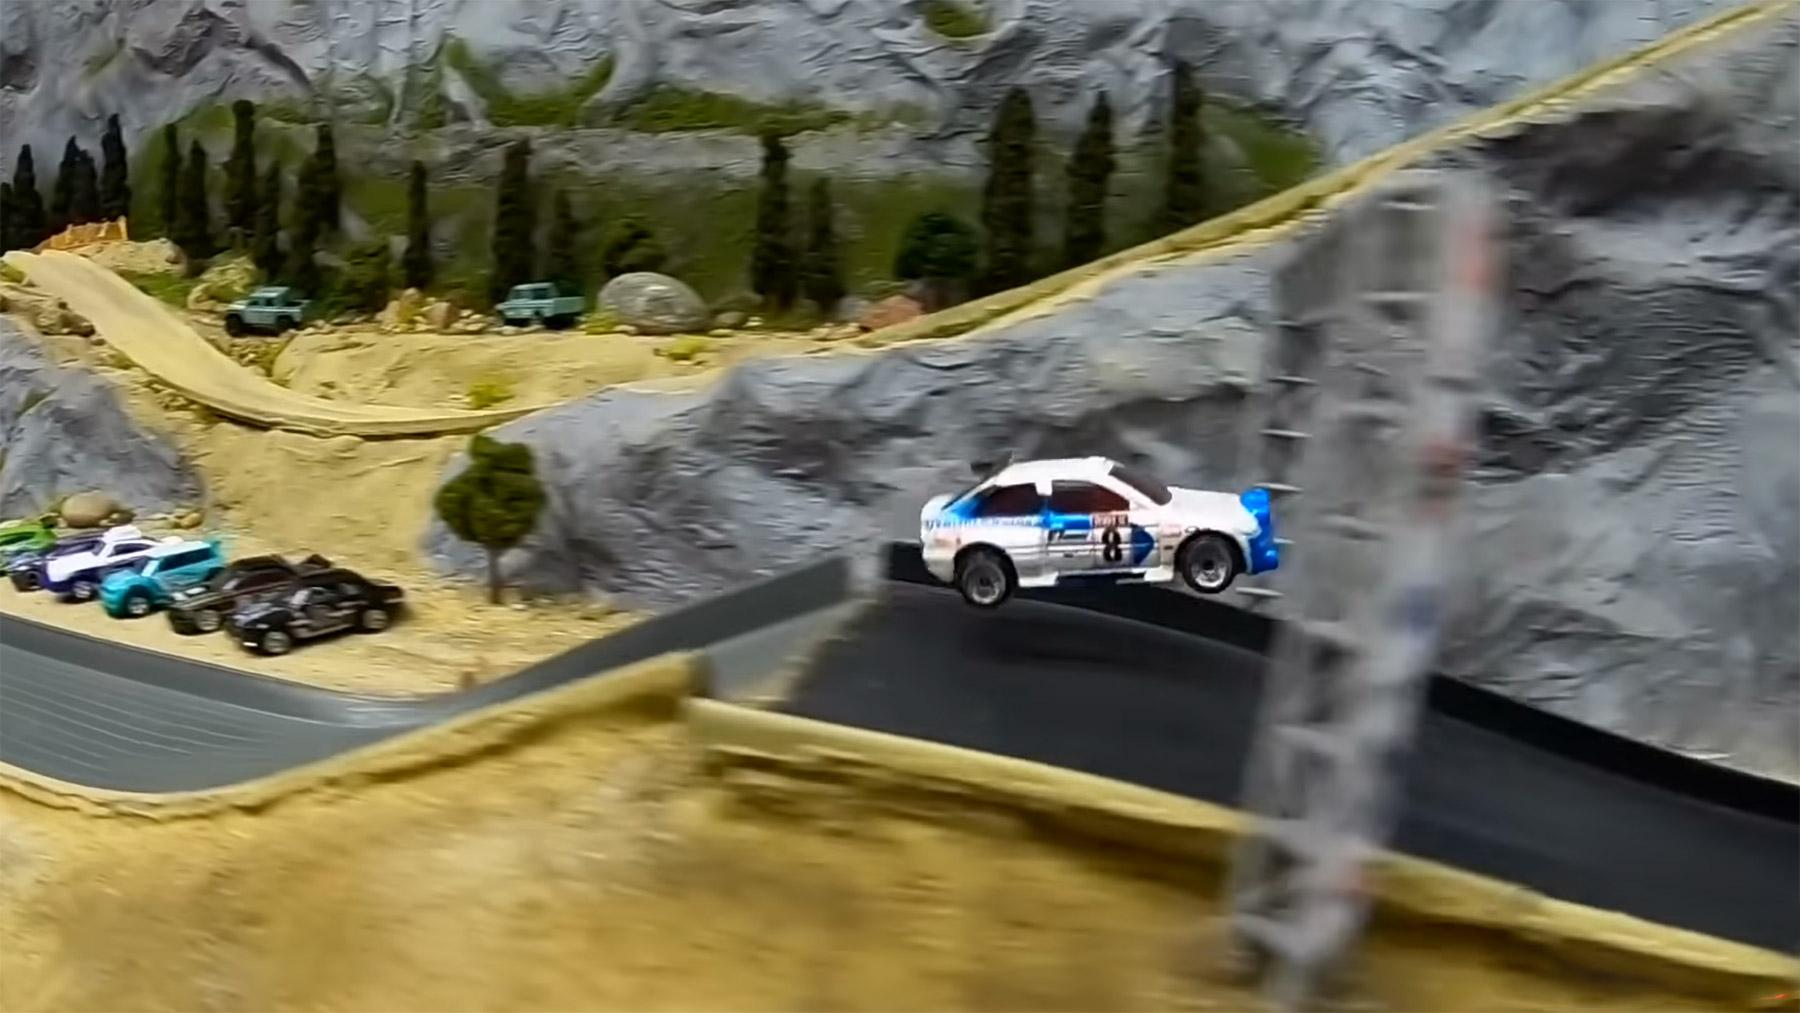 Rallye-Rennen mit Matchbox-Autos und Kommentar